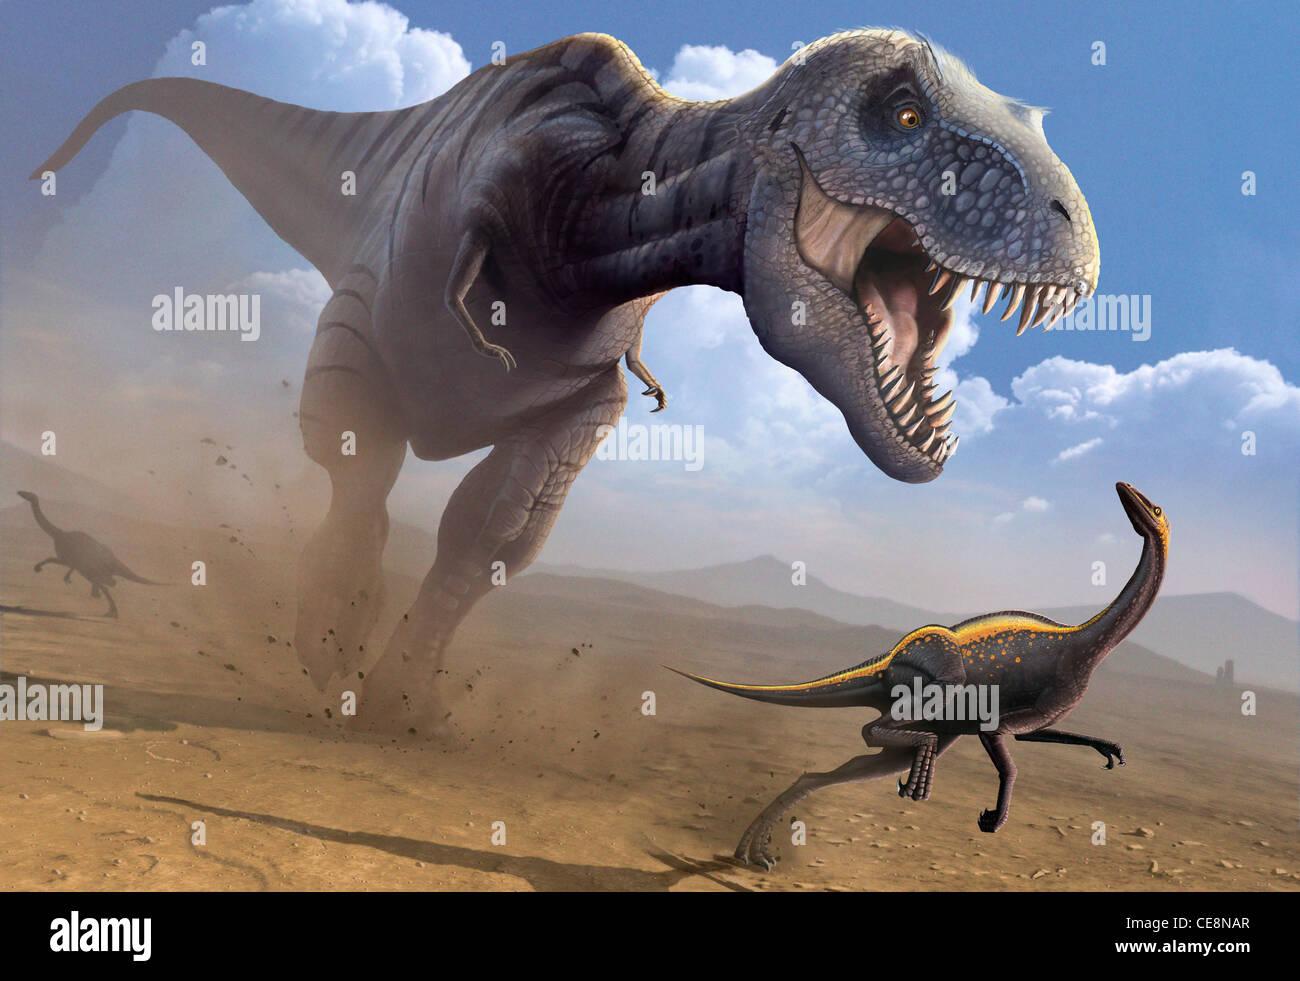 Art ordinateur chasse aux dinosaures Tyrannosaurus rex T Rex dinosaure Ornithomimus était parmi les plus grands dinosaures carnivores il a été Banque D'Images